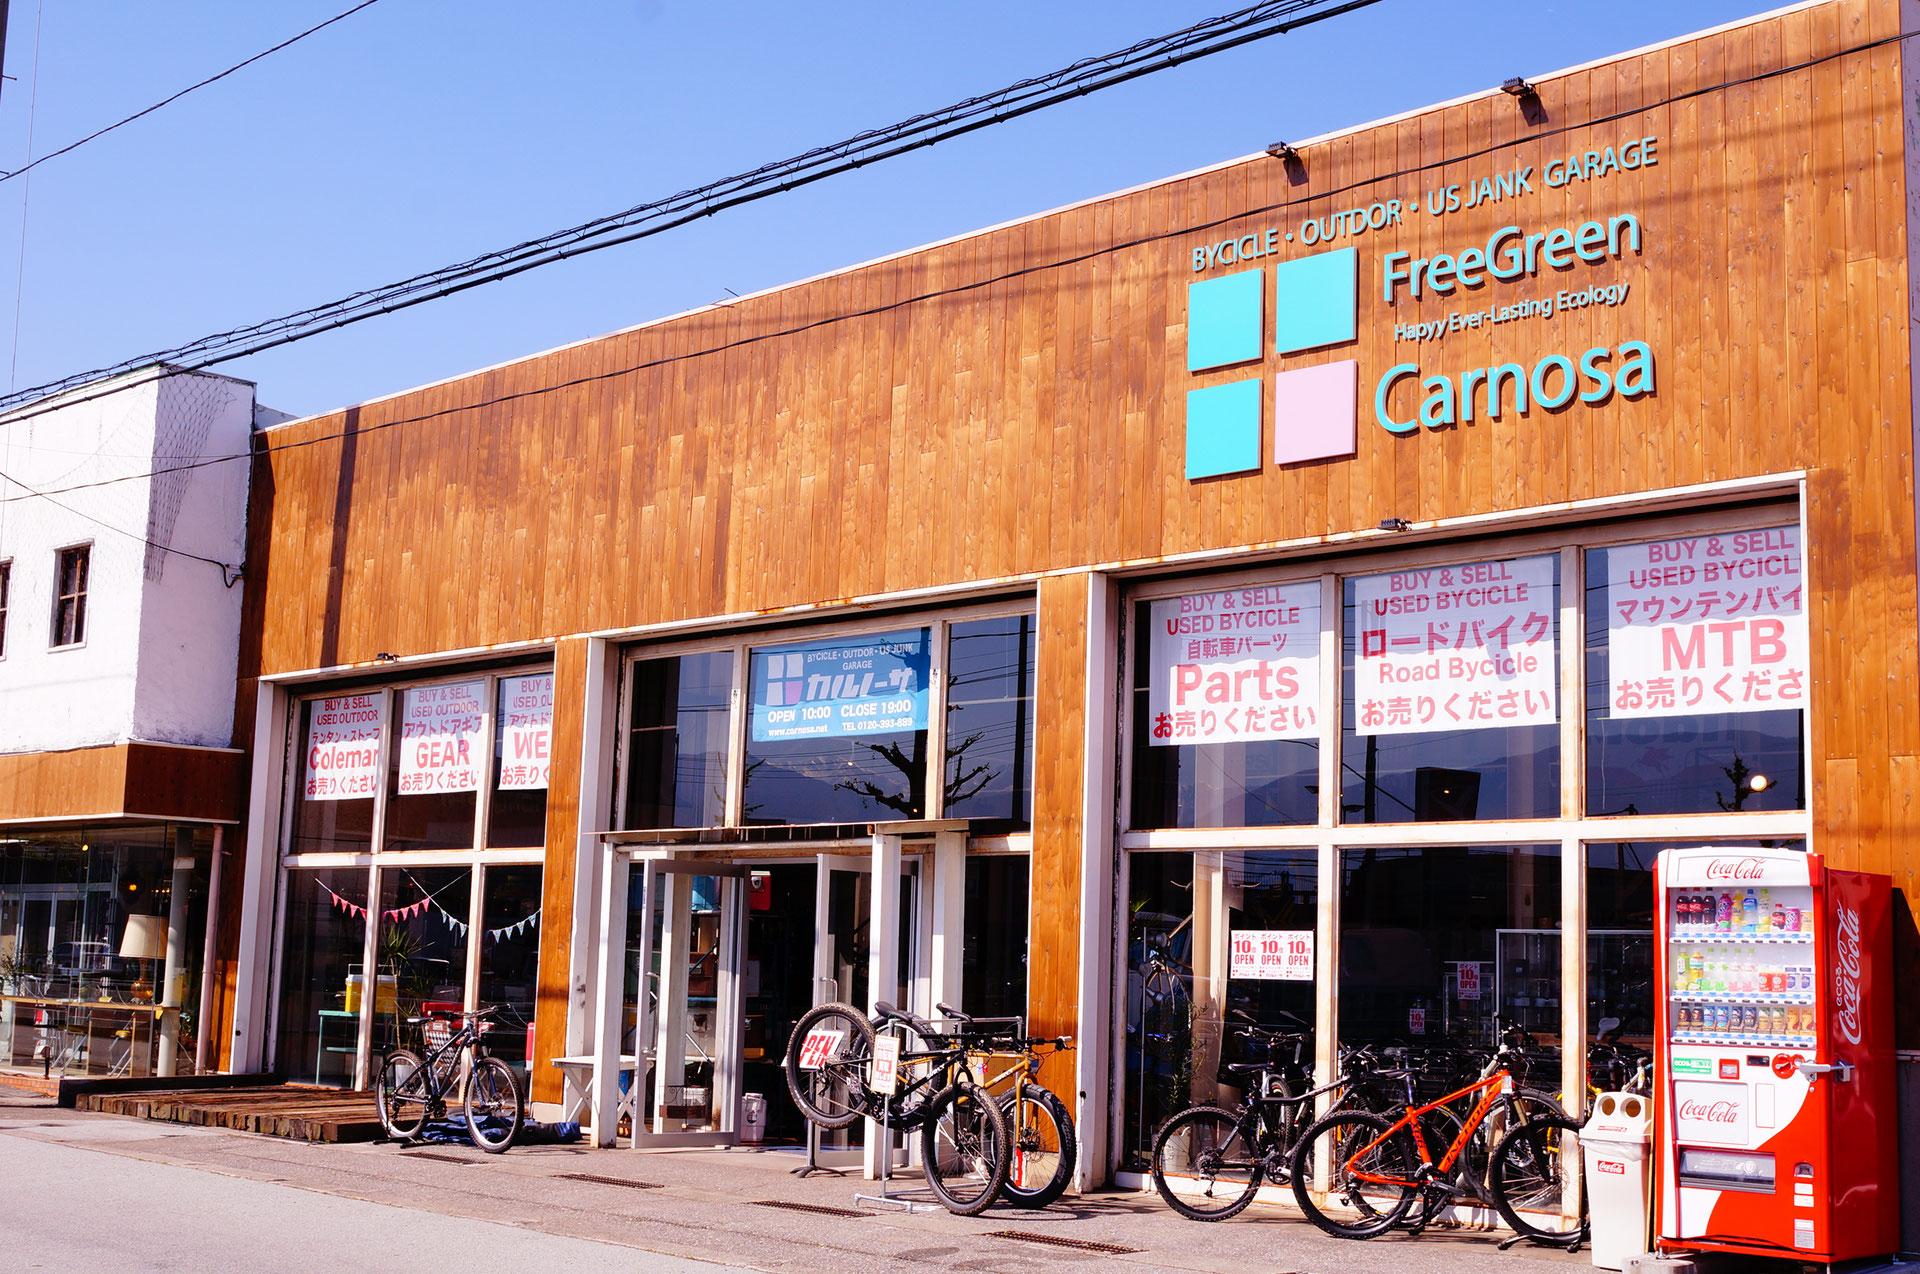 カルノーサ 自転車 アウトドア us junk 山梨県にオープン 山梨県初